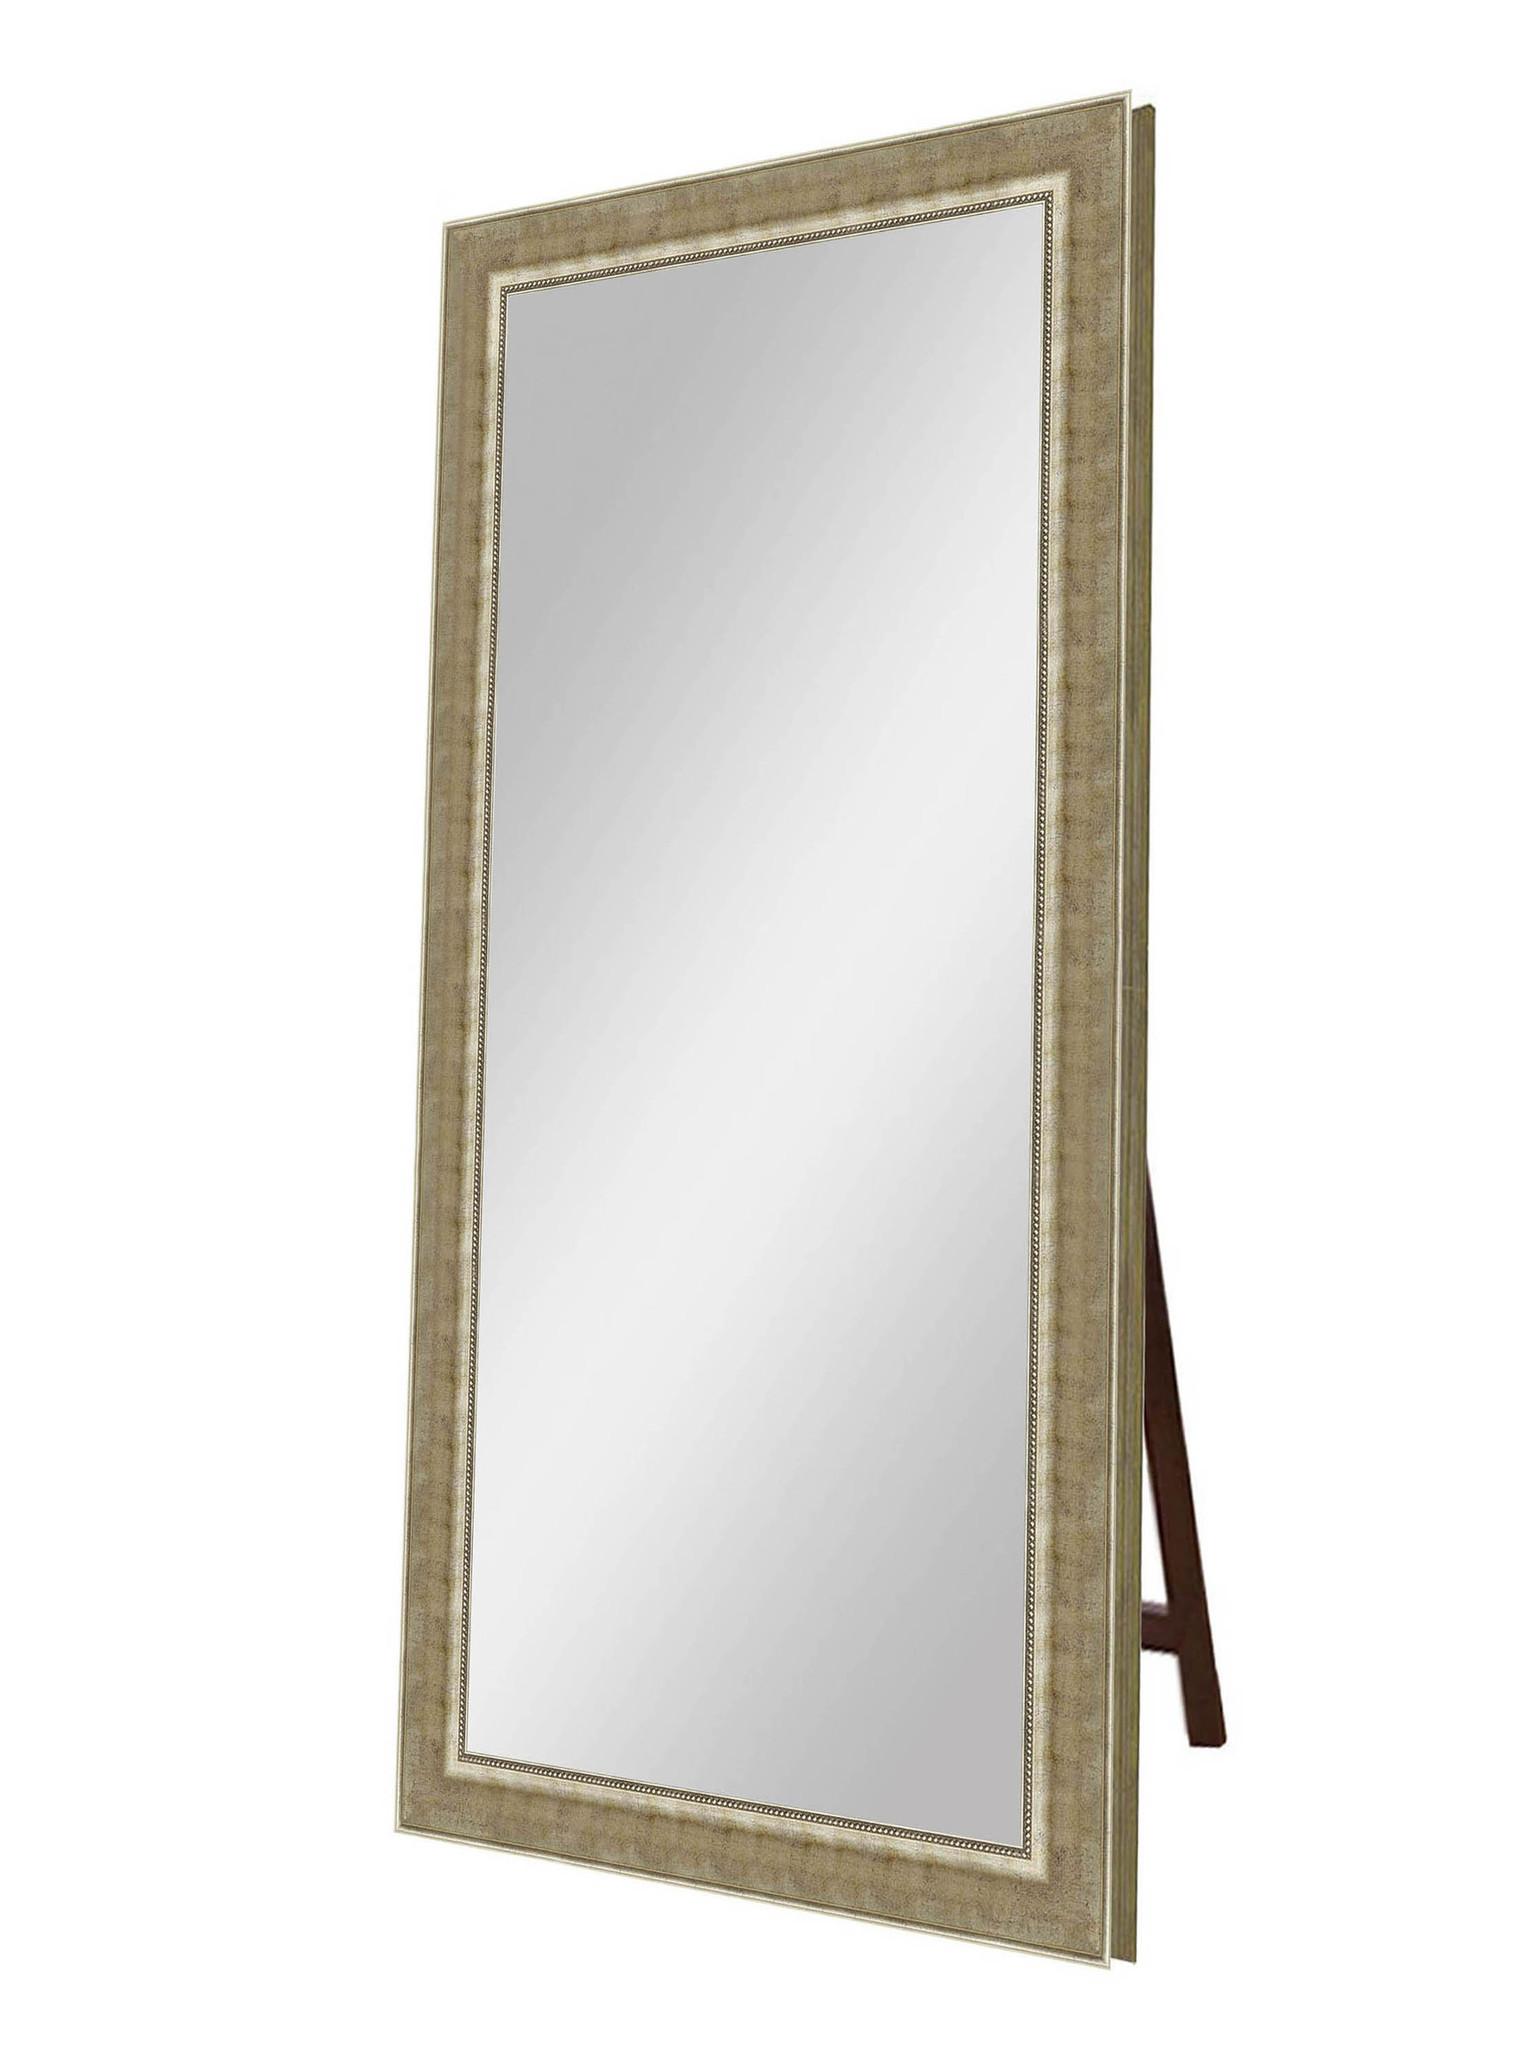 Купить Напольное зеркало Теплое золото , inmyroom, Россия